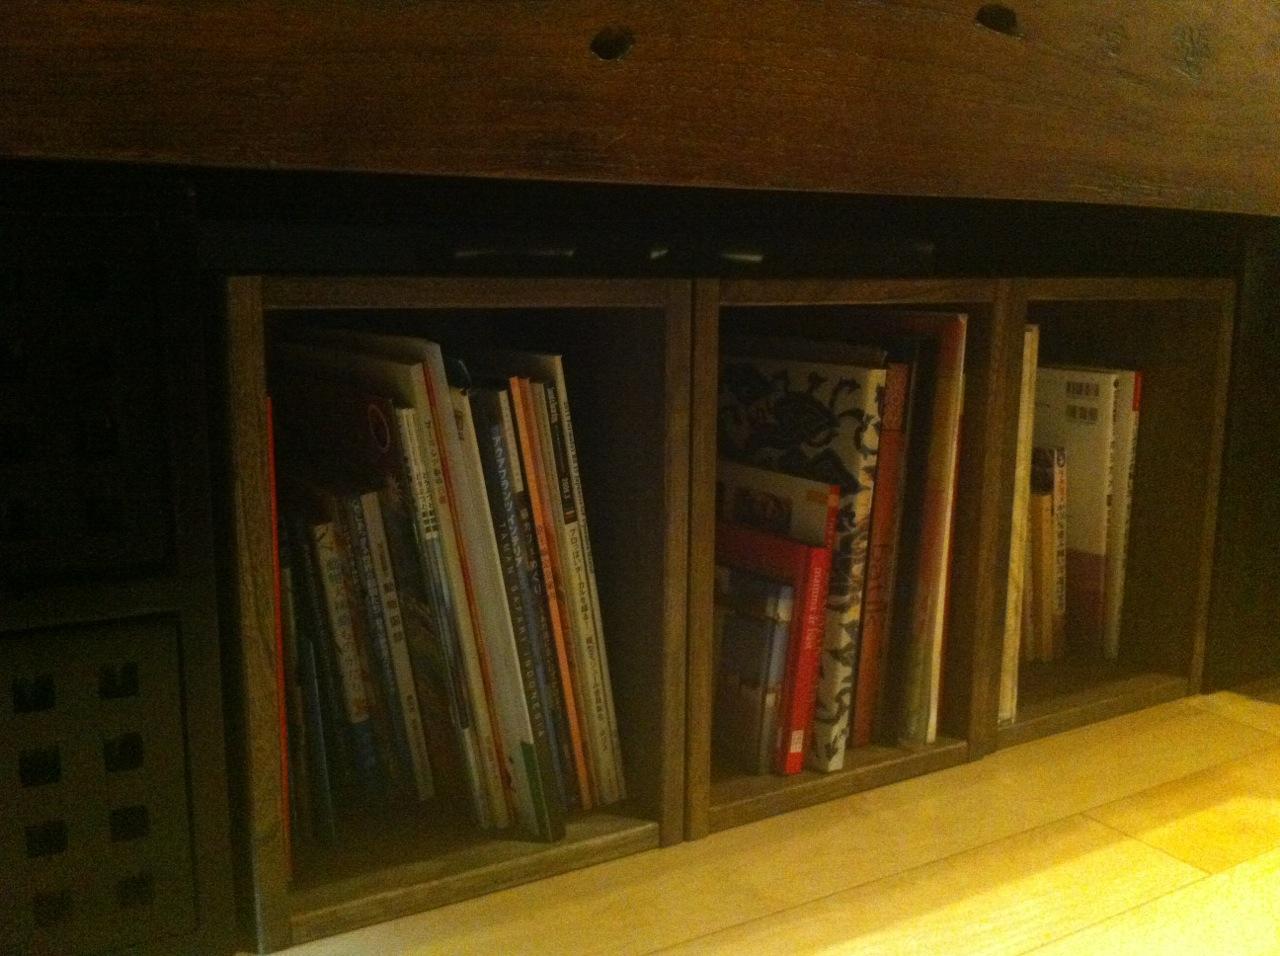 【質感がいいです】 写真のように、リビングの木製のアンティークカウチの下の雑誌入れとして購入しました。両端にはチーク材のキューブボックスがあり、真ん中の空いた空間に3個揃えて置いています。殆ど見えない場所なので、以前はカラーボックスを置いていたのですが、やはり安っぽさは否めず...今回、引越をしたのを機に思い切って購入してみました。自己満足と言われようと...やはり質感が違うので、全体として良い雰囲気になったかと思います。あまり目につかない場所だからとこれまで手を抜いていたのが恥ずかしい!とても軽いけれど丈夫そうです。また、丁寧な細工なので、今度は目立つ場所にも置きたいと思い、どこか置ける場所は...と探しているところです。おすすめです。【子供部屋 無垢 木製 収納 ラック キューブ カラーボックス 本棚 絵本 おもちゃ 収納 図鑑 大型本】